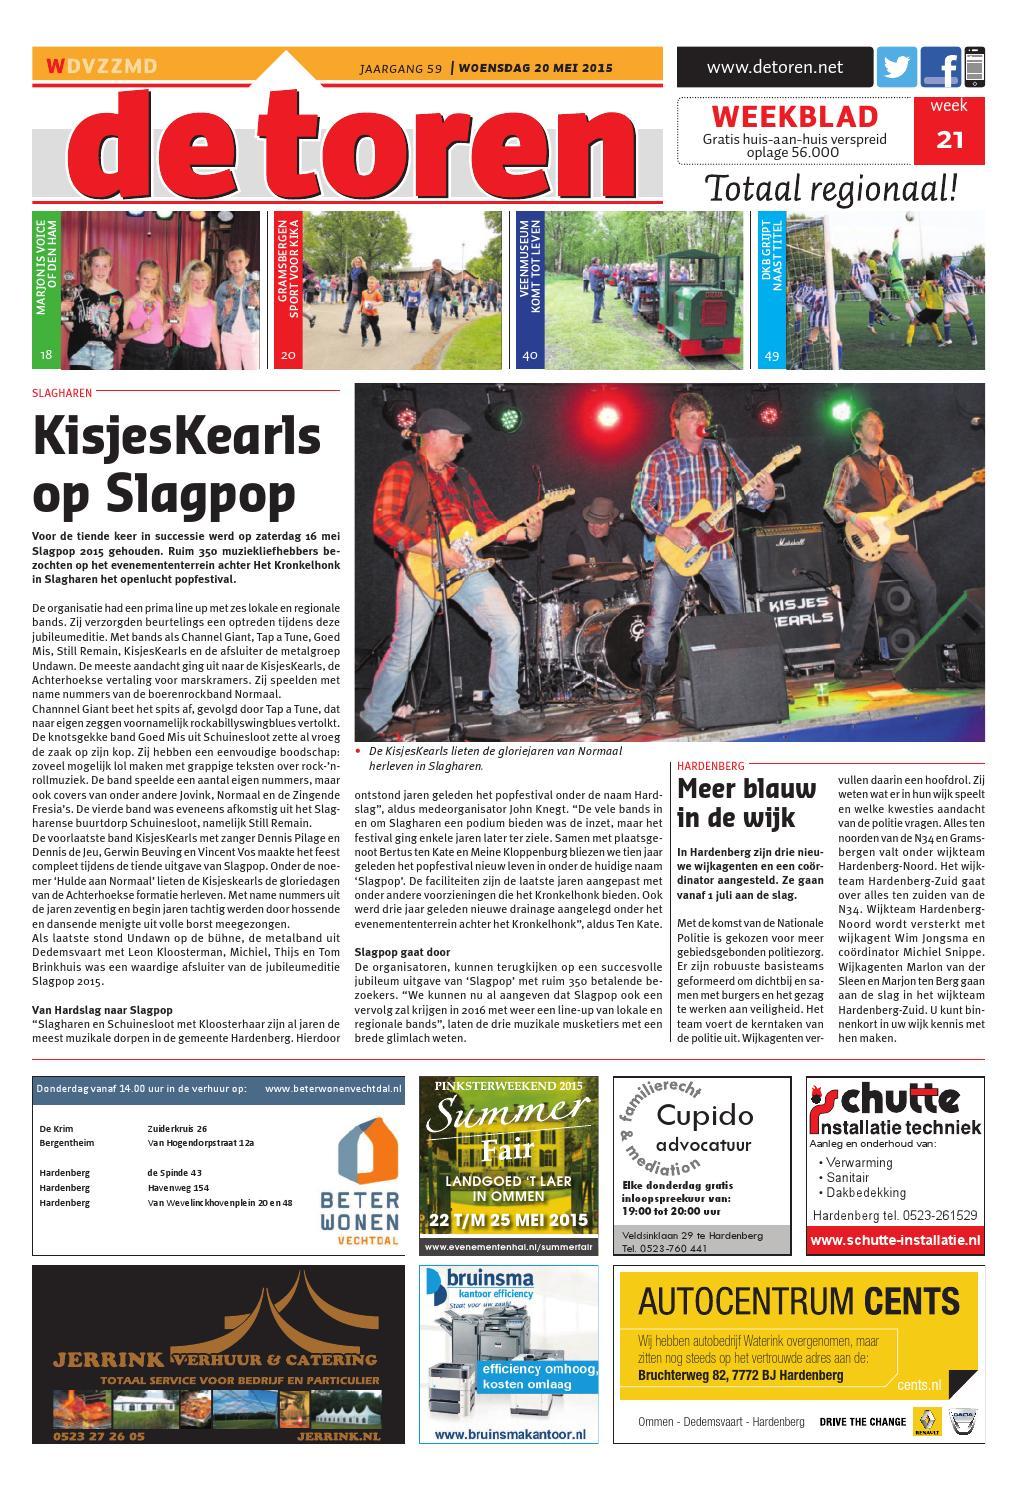 Tete A Tete Bankje Cupido.De Toren Week 21 2015 By Weekblad De Toren Issuu